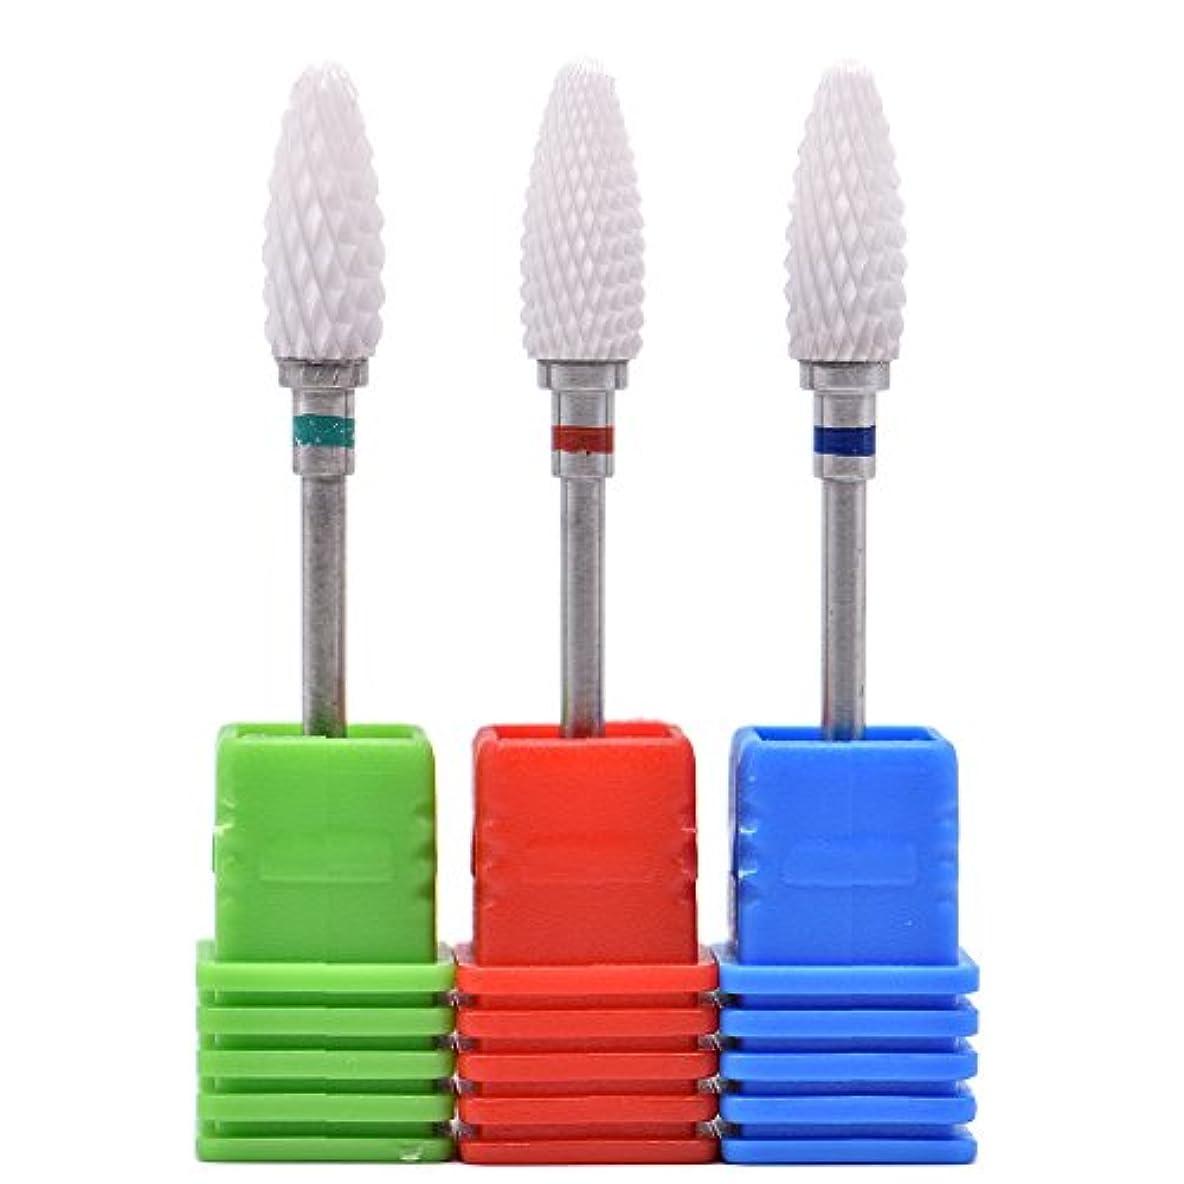 父方の優雅な曲線Oral Dentistry ネイルアート ドリルビット 長い 研磨ヘッド ネイル グラインド ヘッド 爪 磨き 研磨 研削 セラミック 全3色 (レッドF(微研削)+グリーンC(粗研削)+ブルーM(中仕上げ))